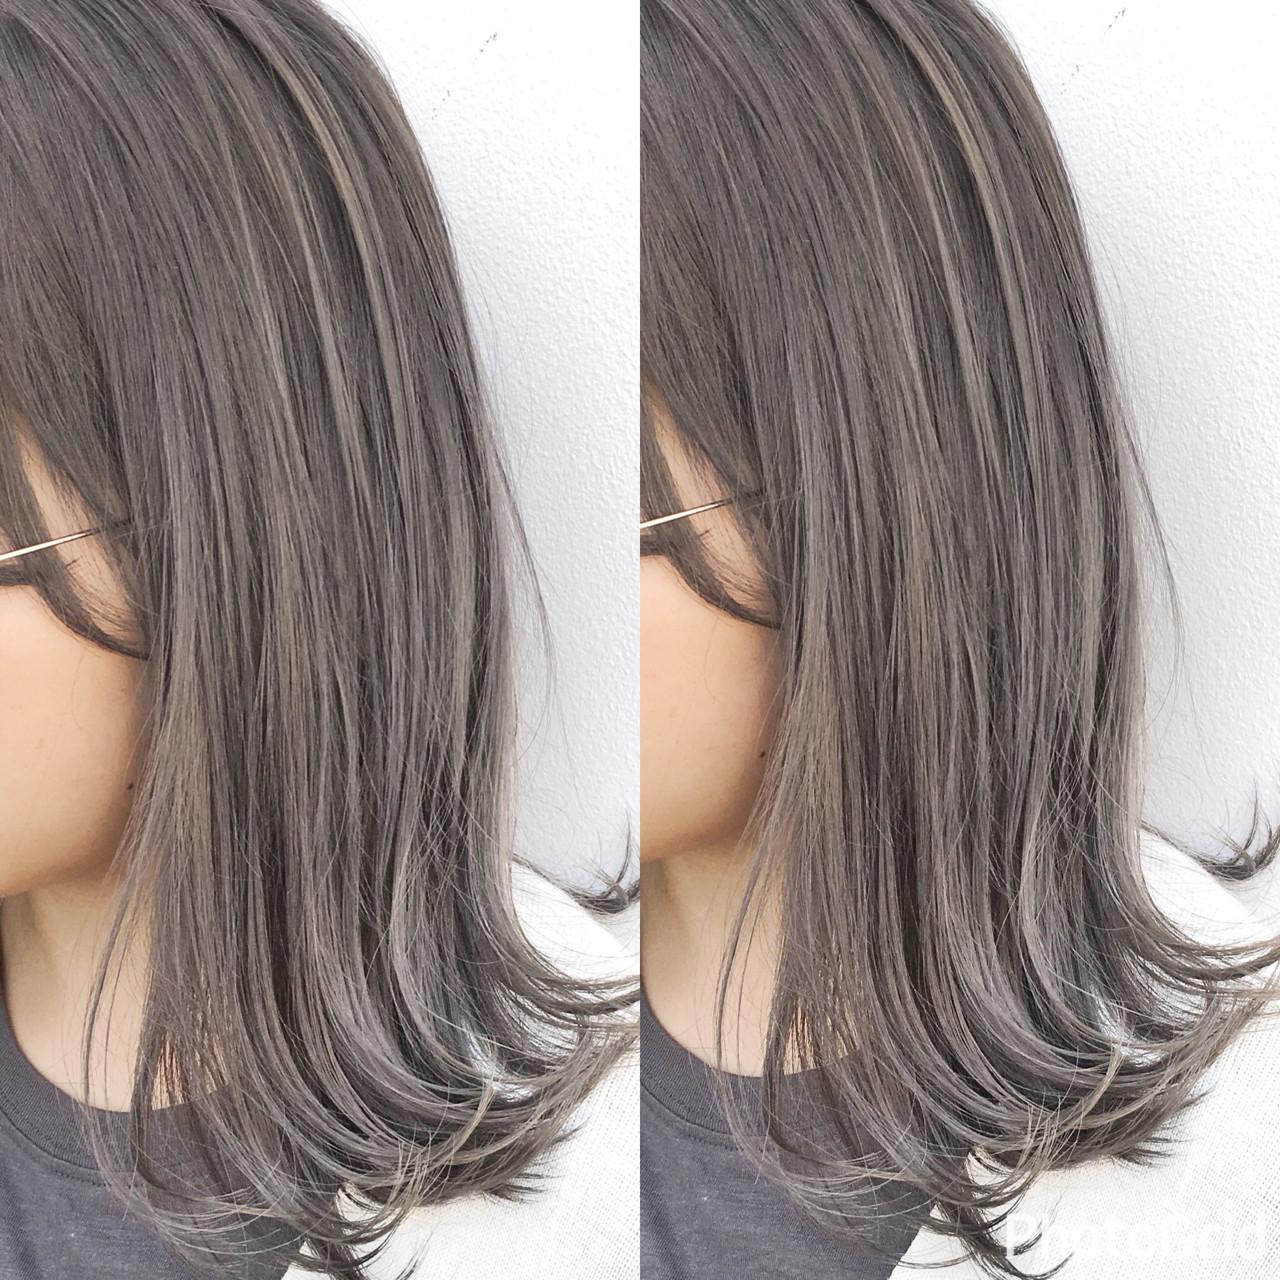 ミディアム ナチュラル 色気 斜め前髪 ヘアスタイルや髪型の写真・画像 | 長谷川 龍太 / hair design tea